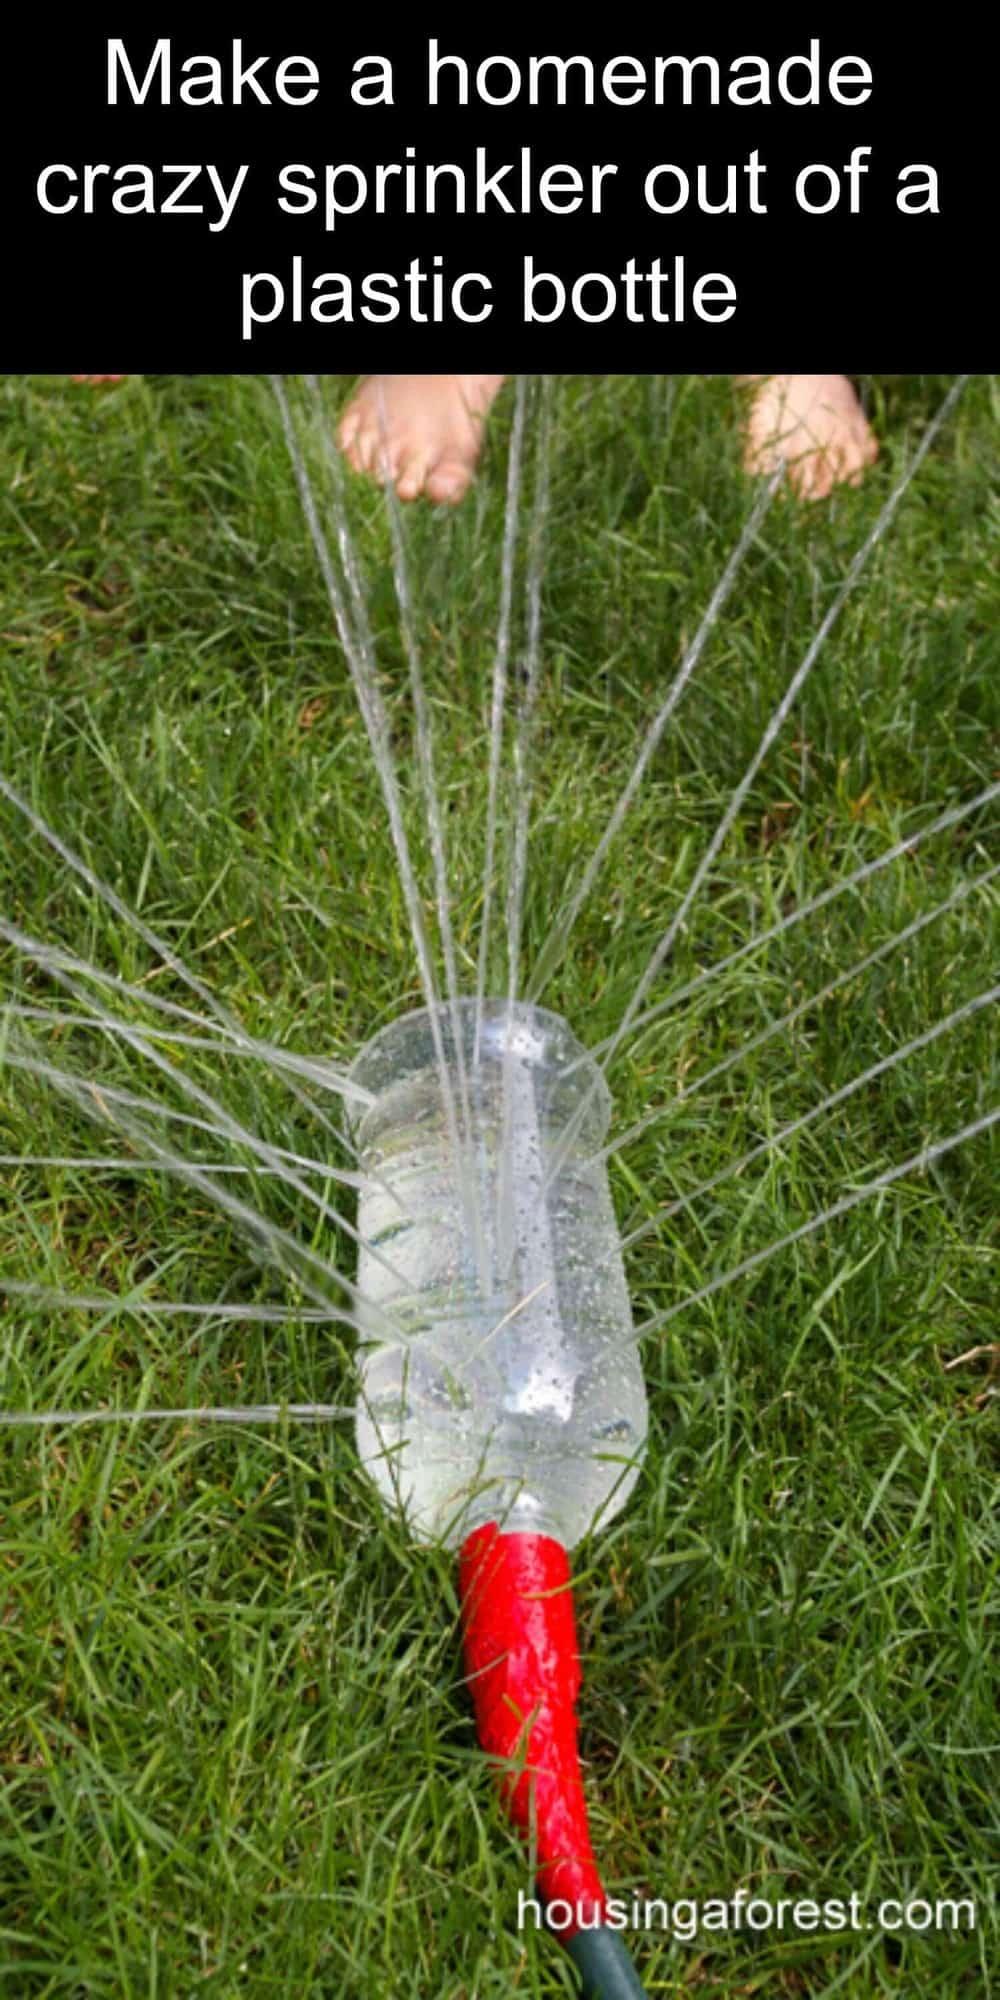 Как сделать самодельный душ из бутылки Как сделать самодельную сеялку